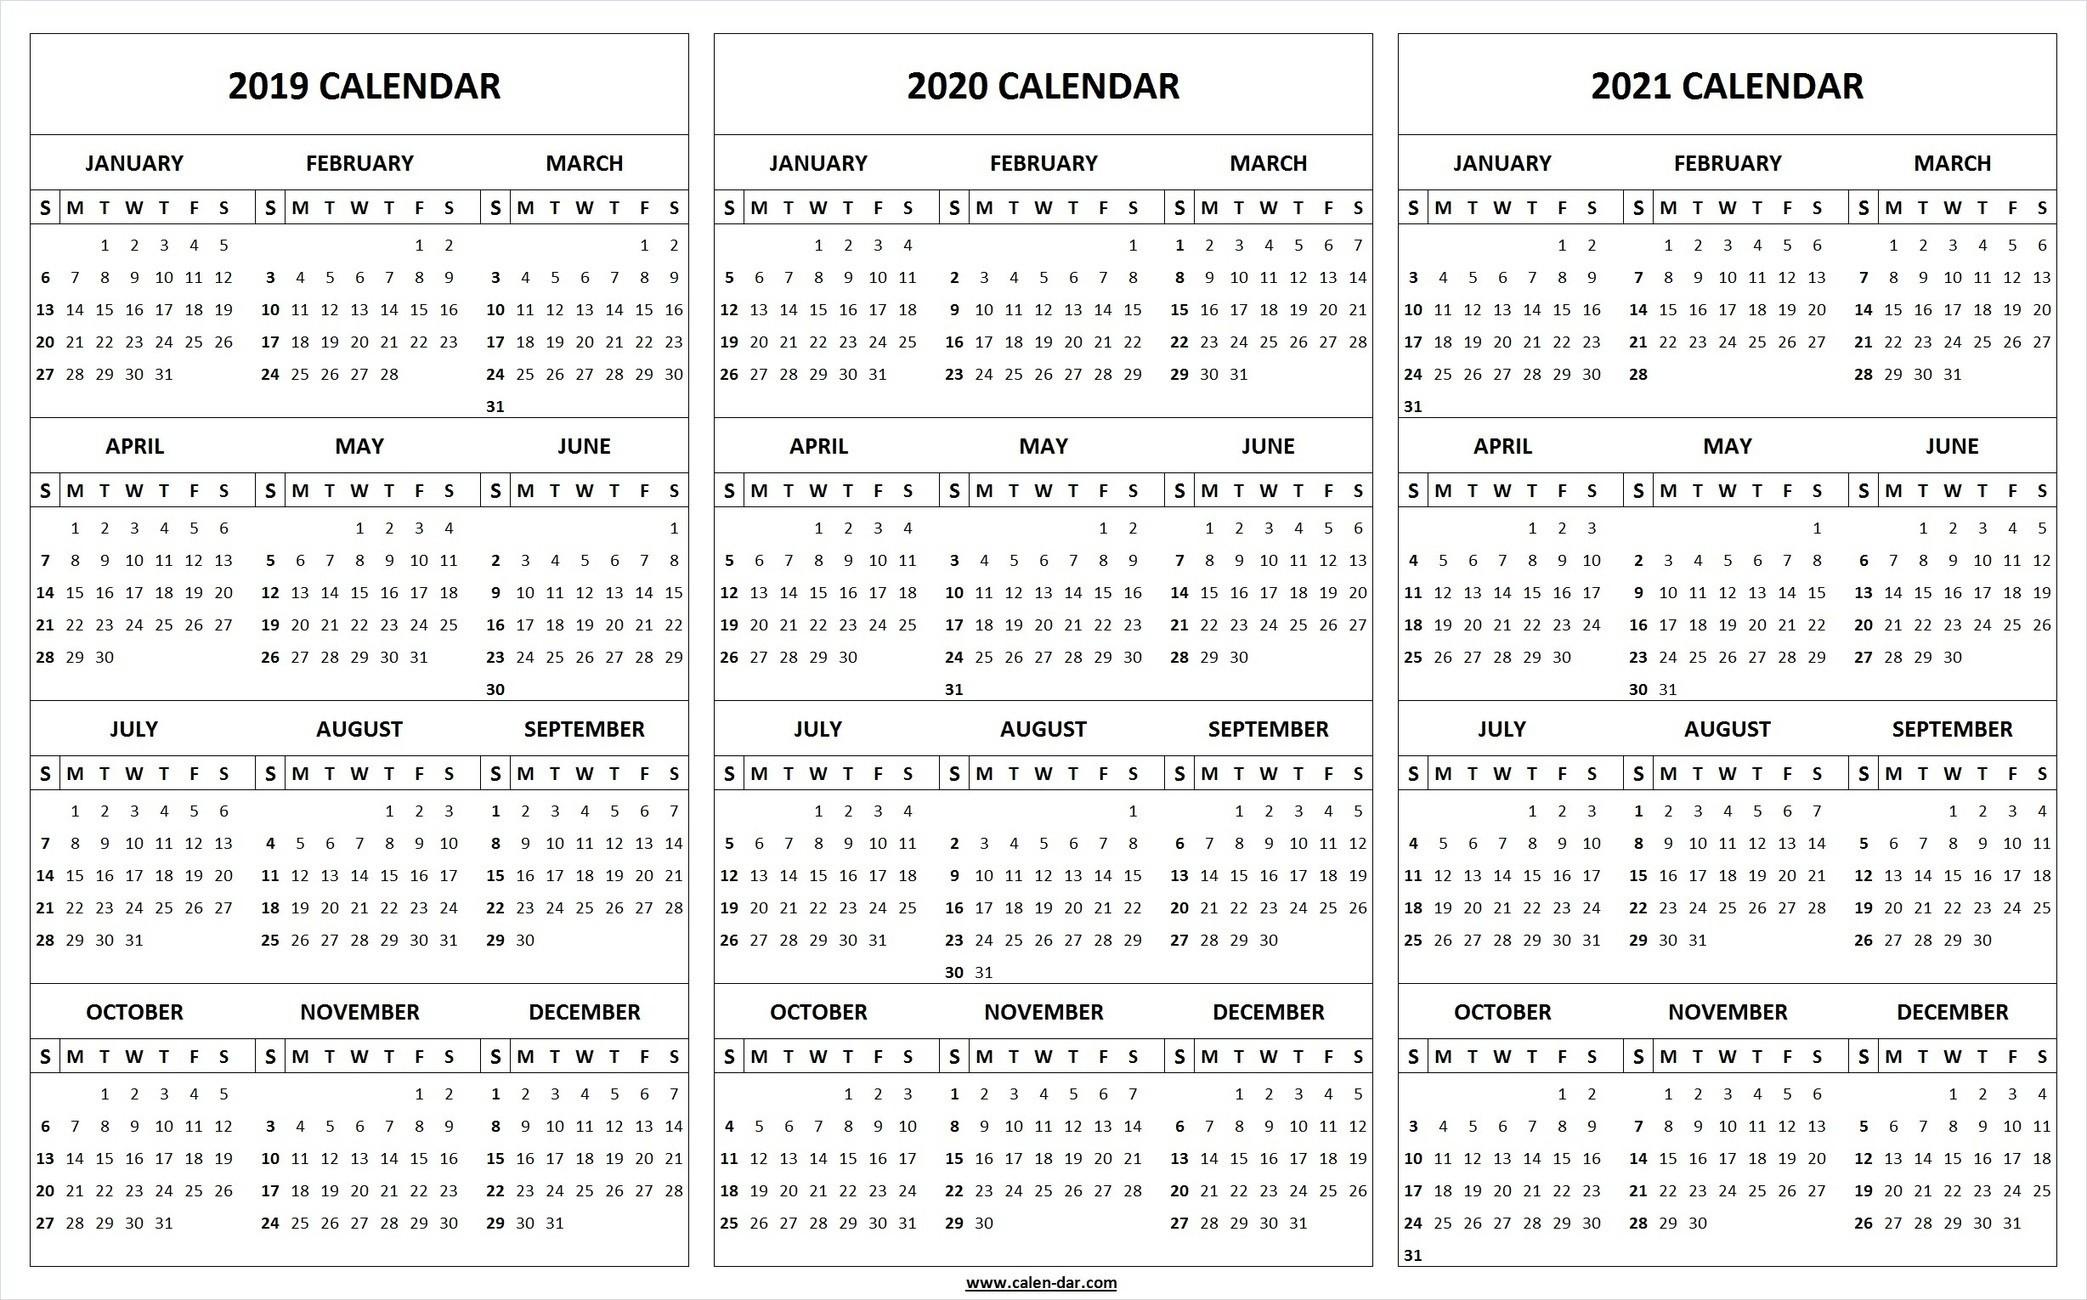 Calendario 2019 Para Imprimir Argentina Feriados Más Recientes Printable 2019 2020 2021 Calendar Template Of Calendario 2019 Para Imprimir Argentina Feriados Actual Calendarios Por Meses Affordable Imgenes De Calendarios Con Color